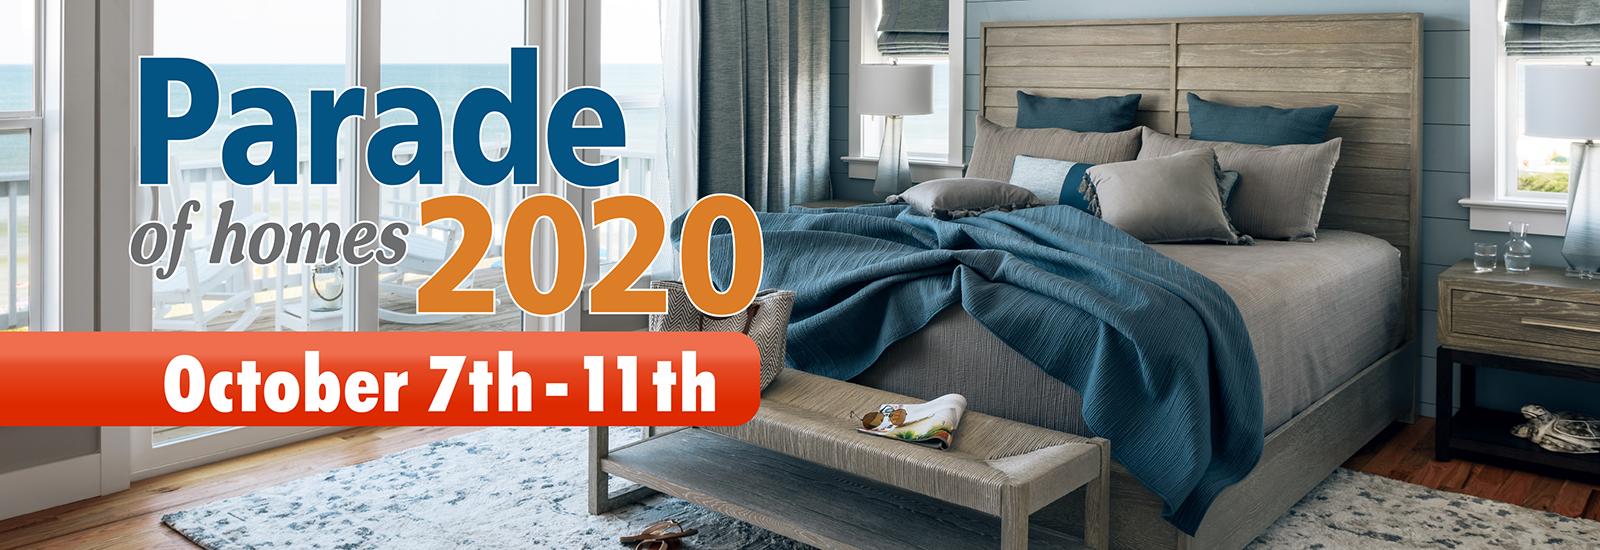 OBHB 2020 Parade Header Image